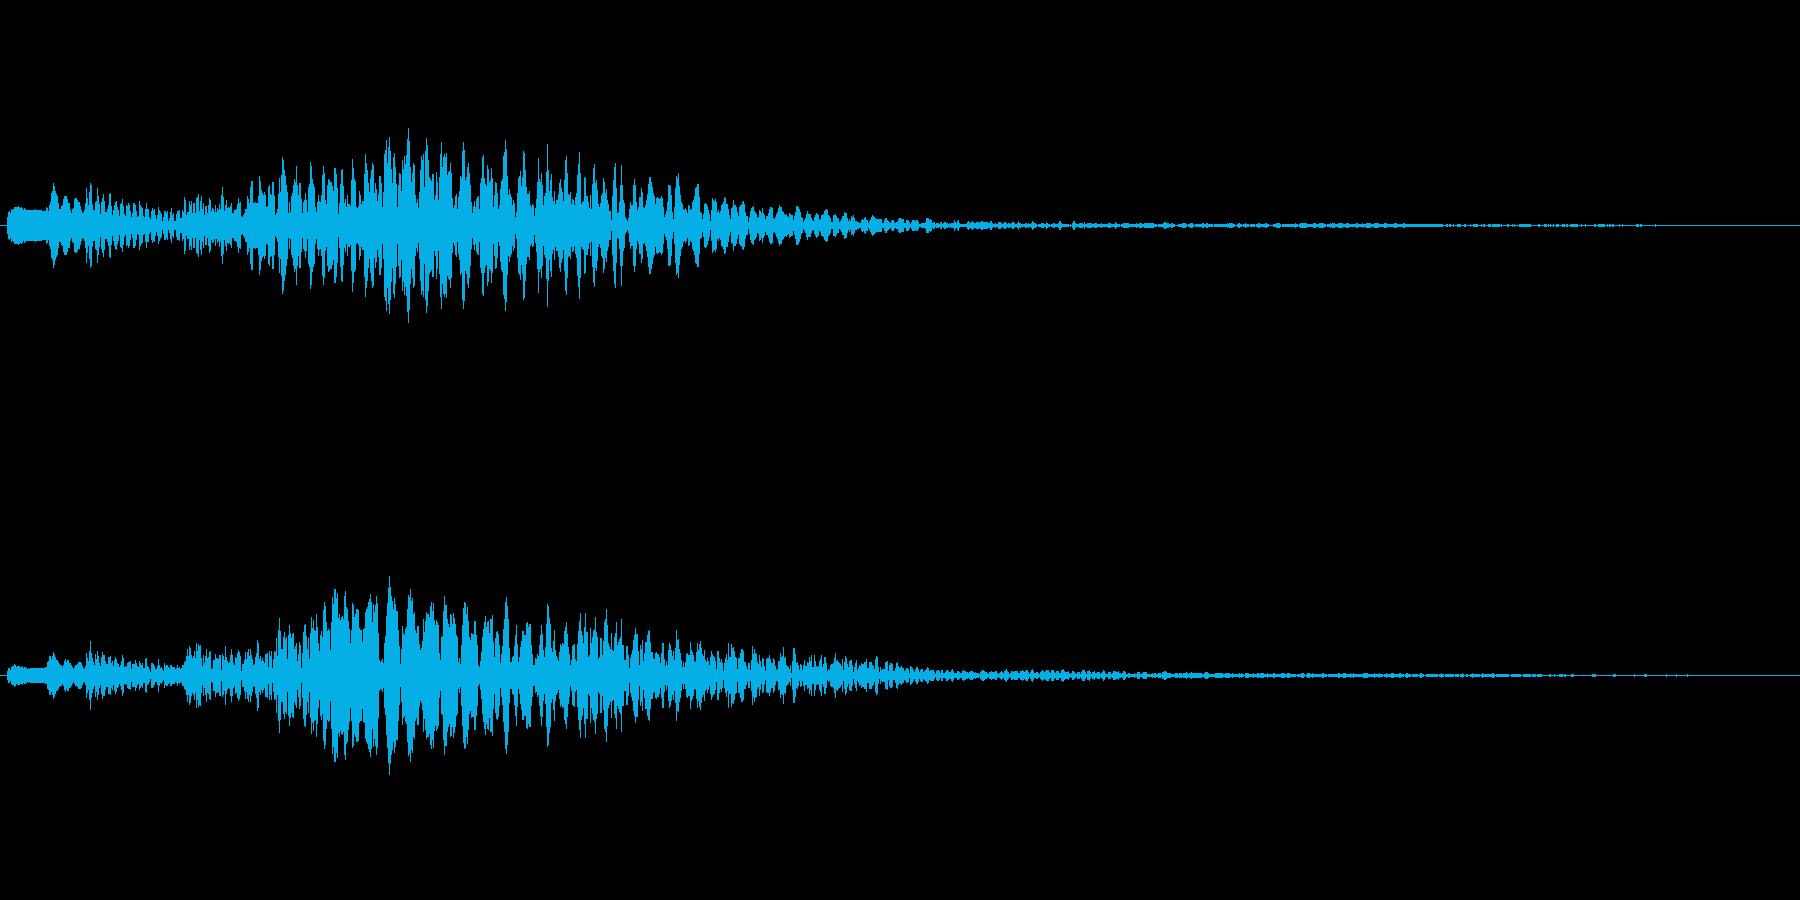 ハープの下降フレーズ(豪華な場面転換)の再生済みの波形